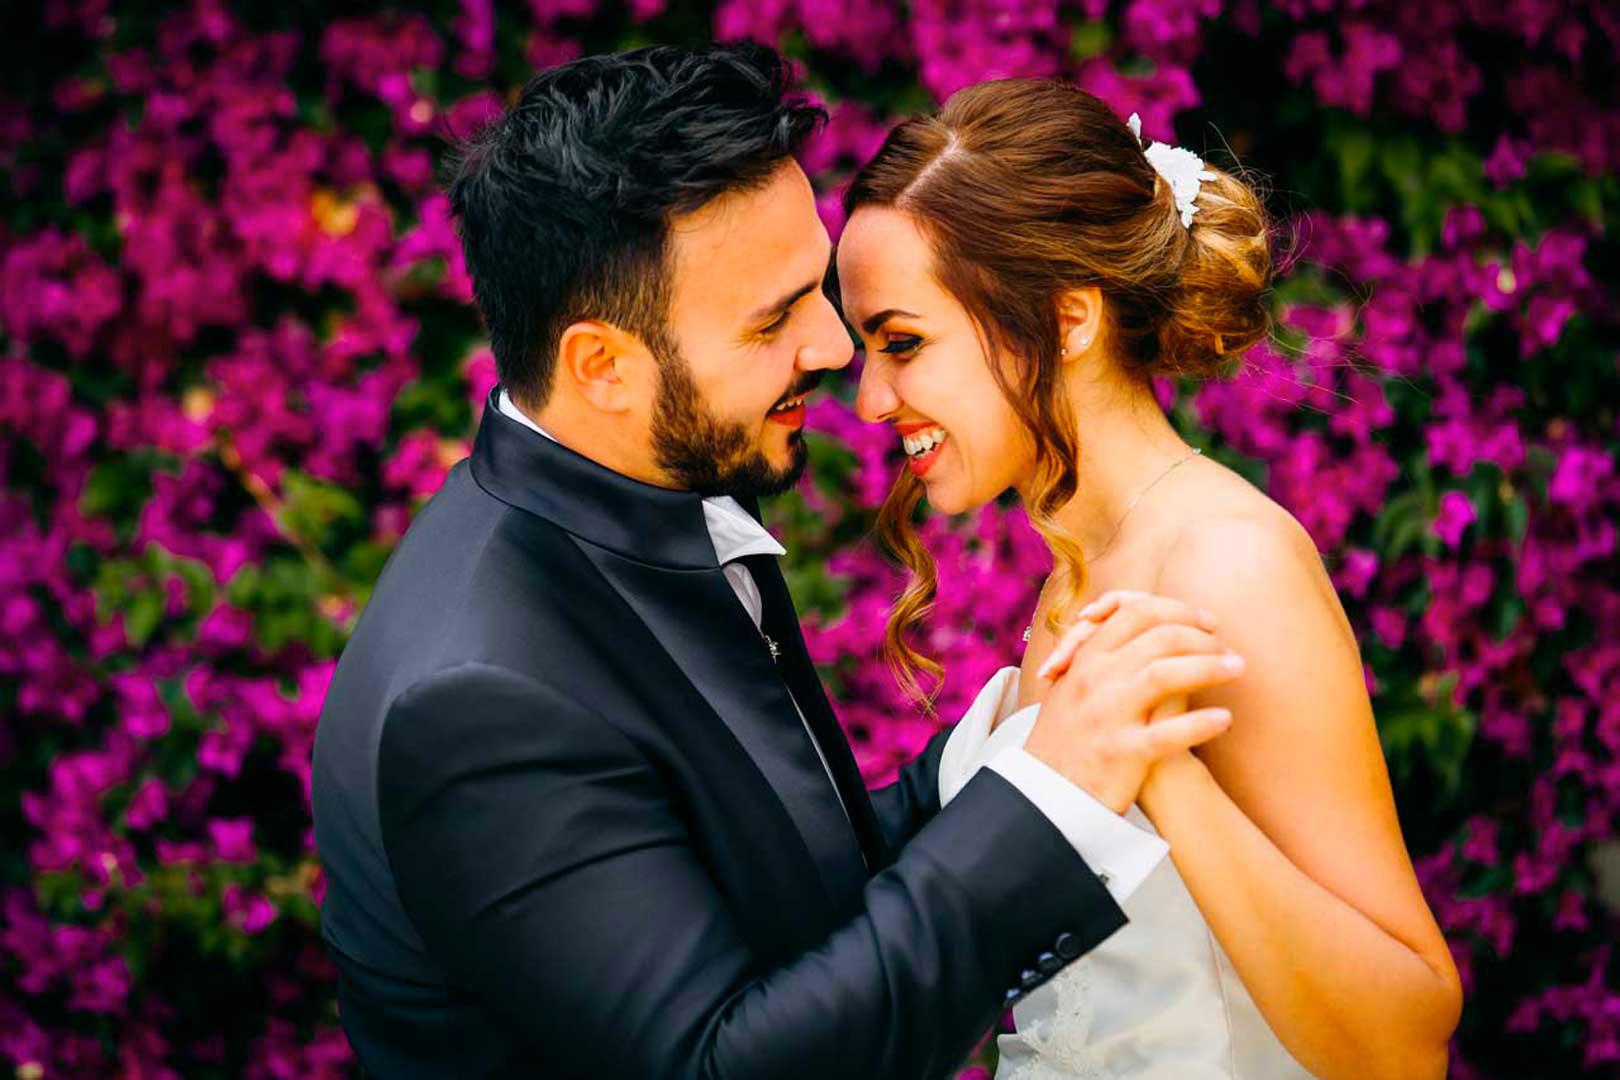 001-emozioni-sposi-matrimonio-gianni-lepore